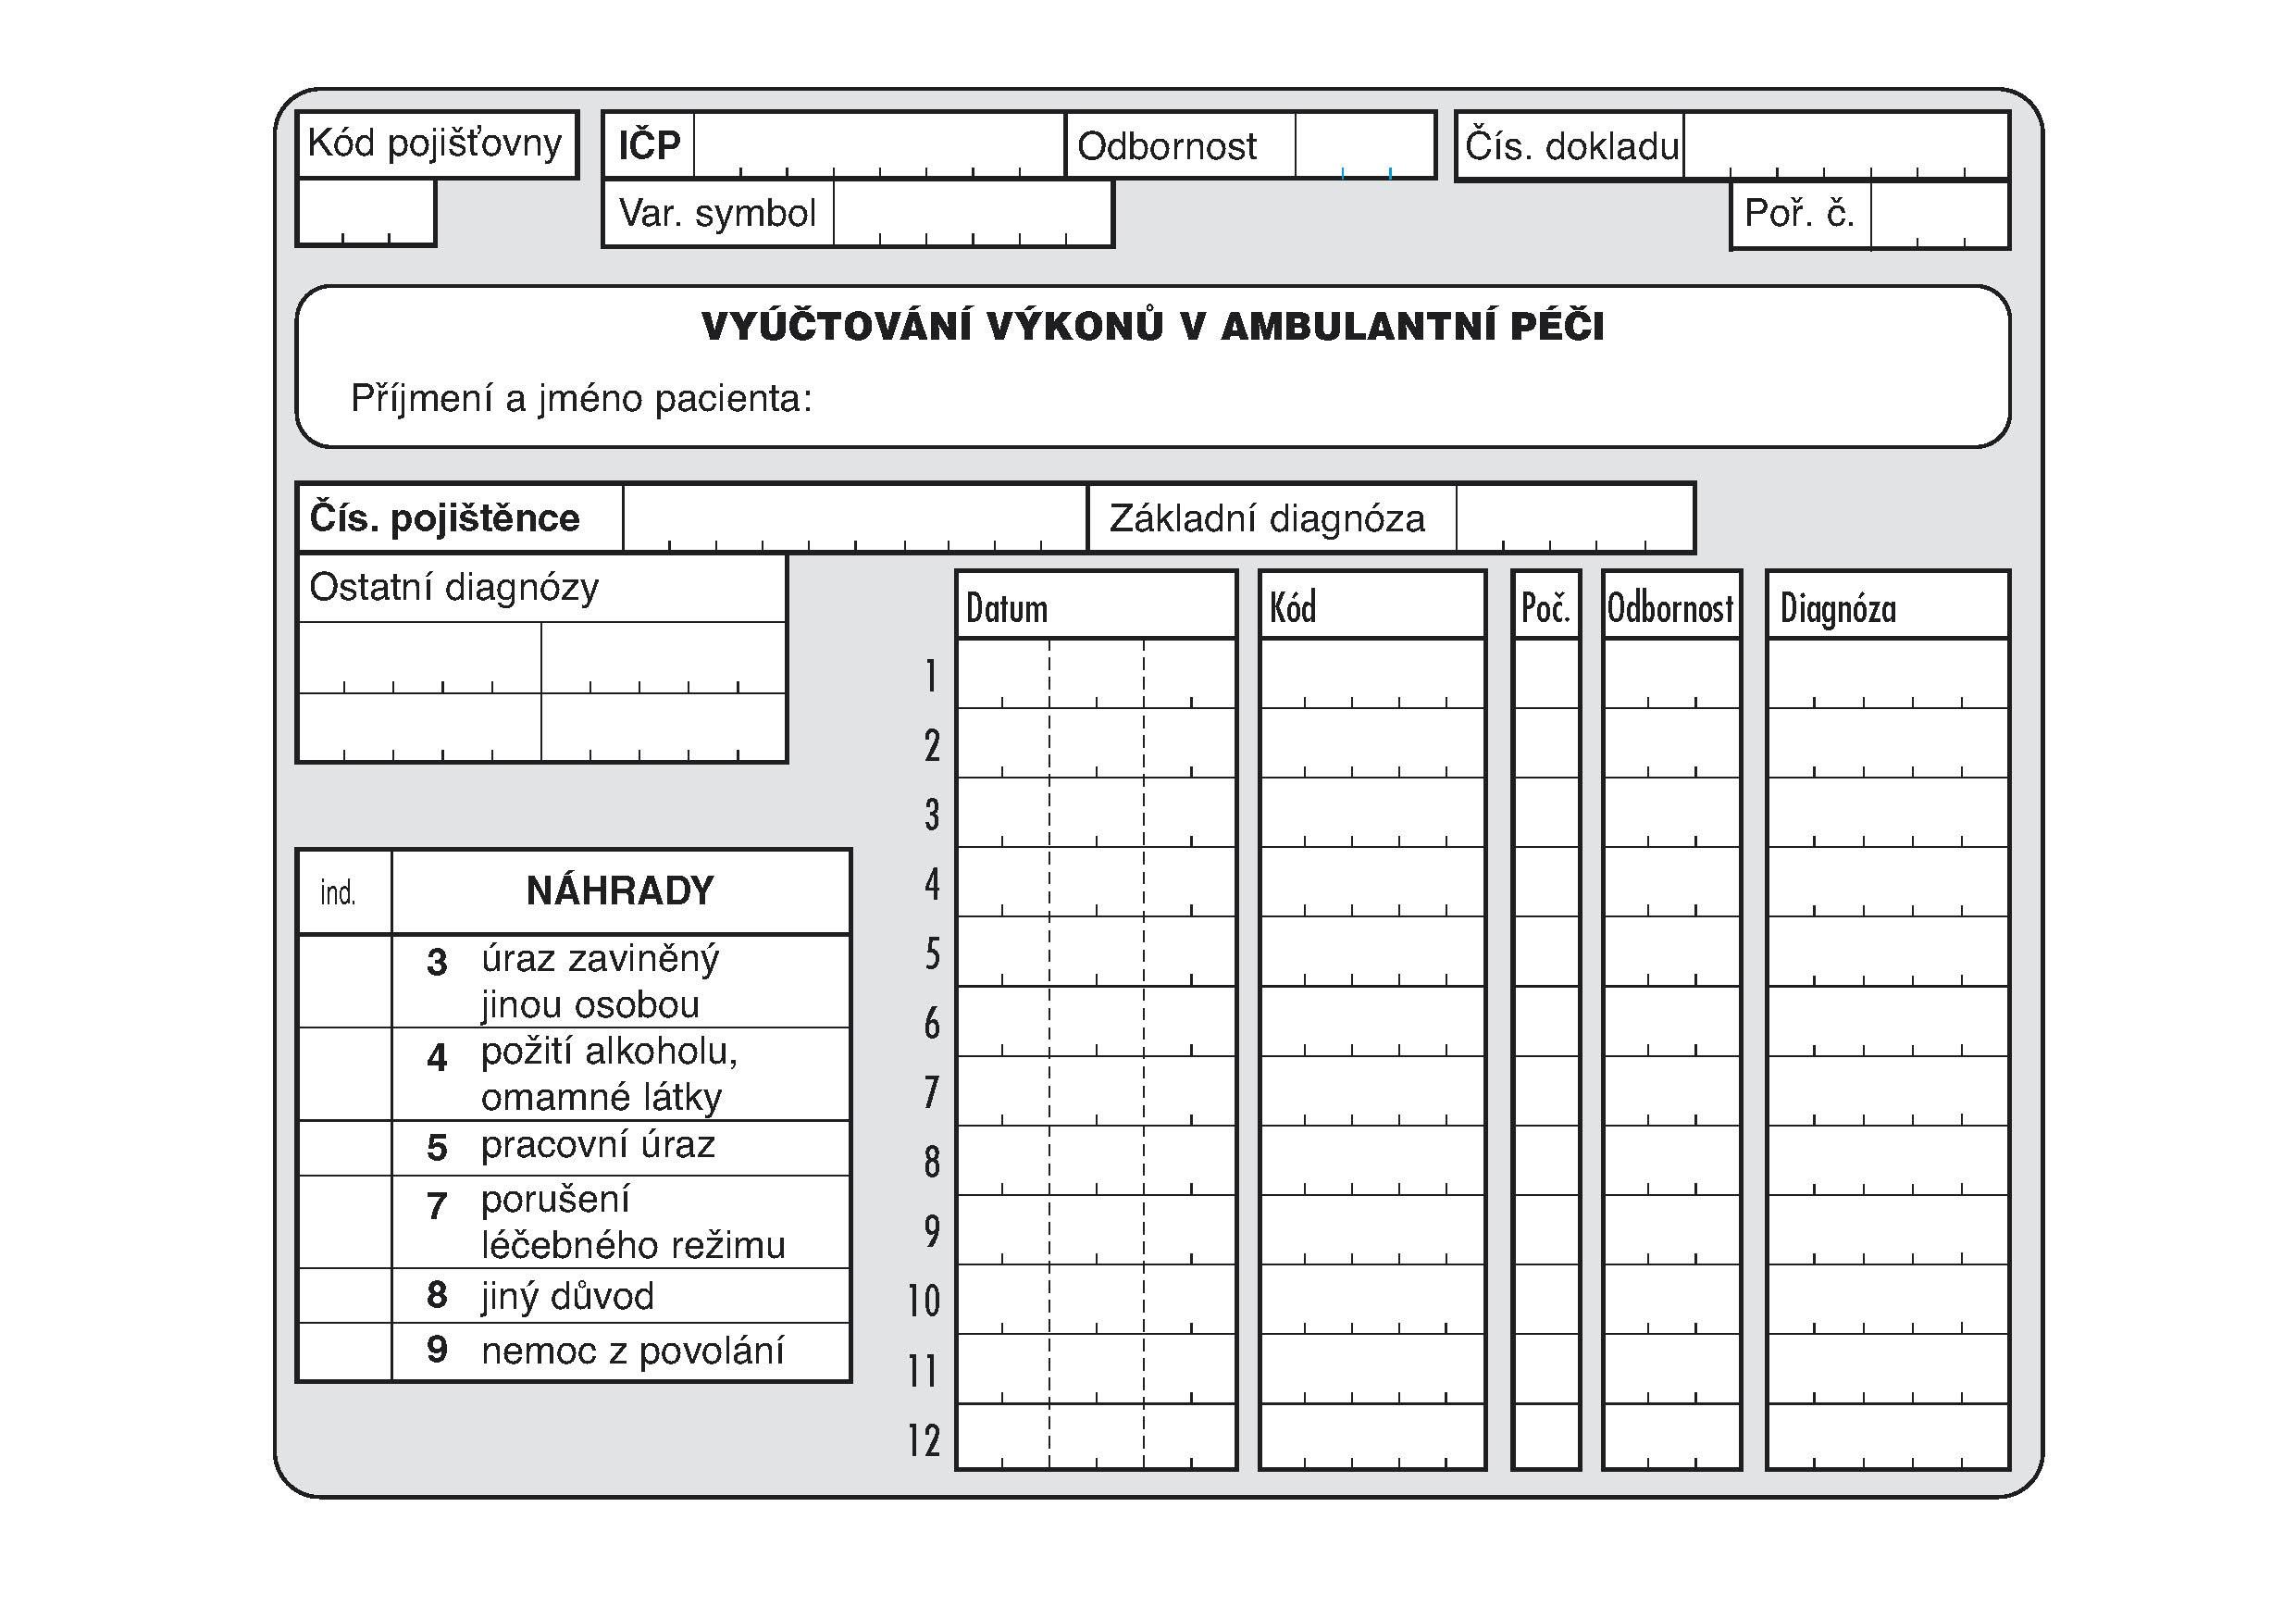 01B-Vyúčtování výkonu v ambulantní péči